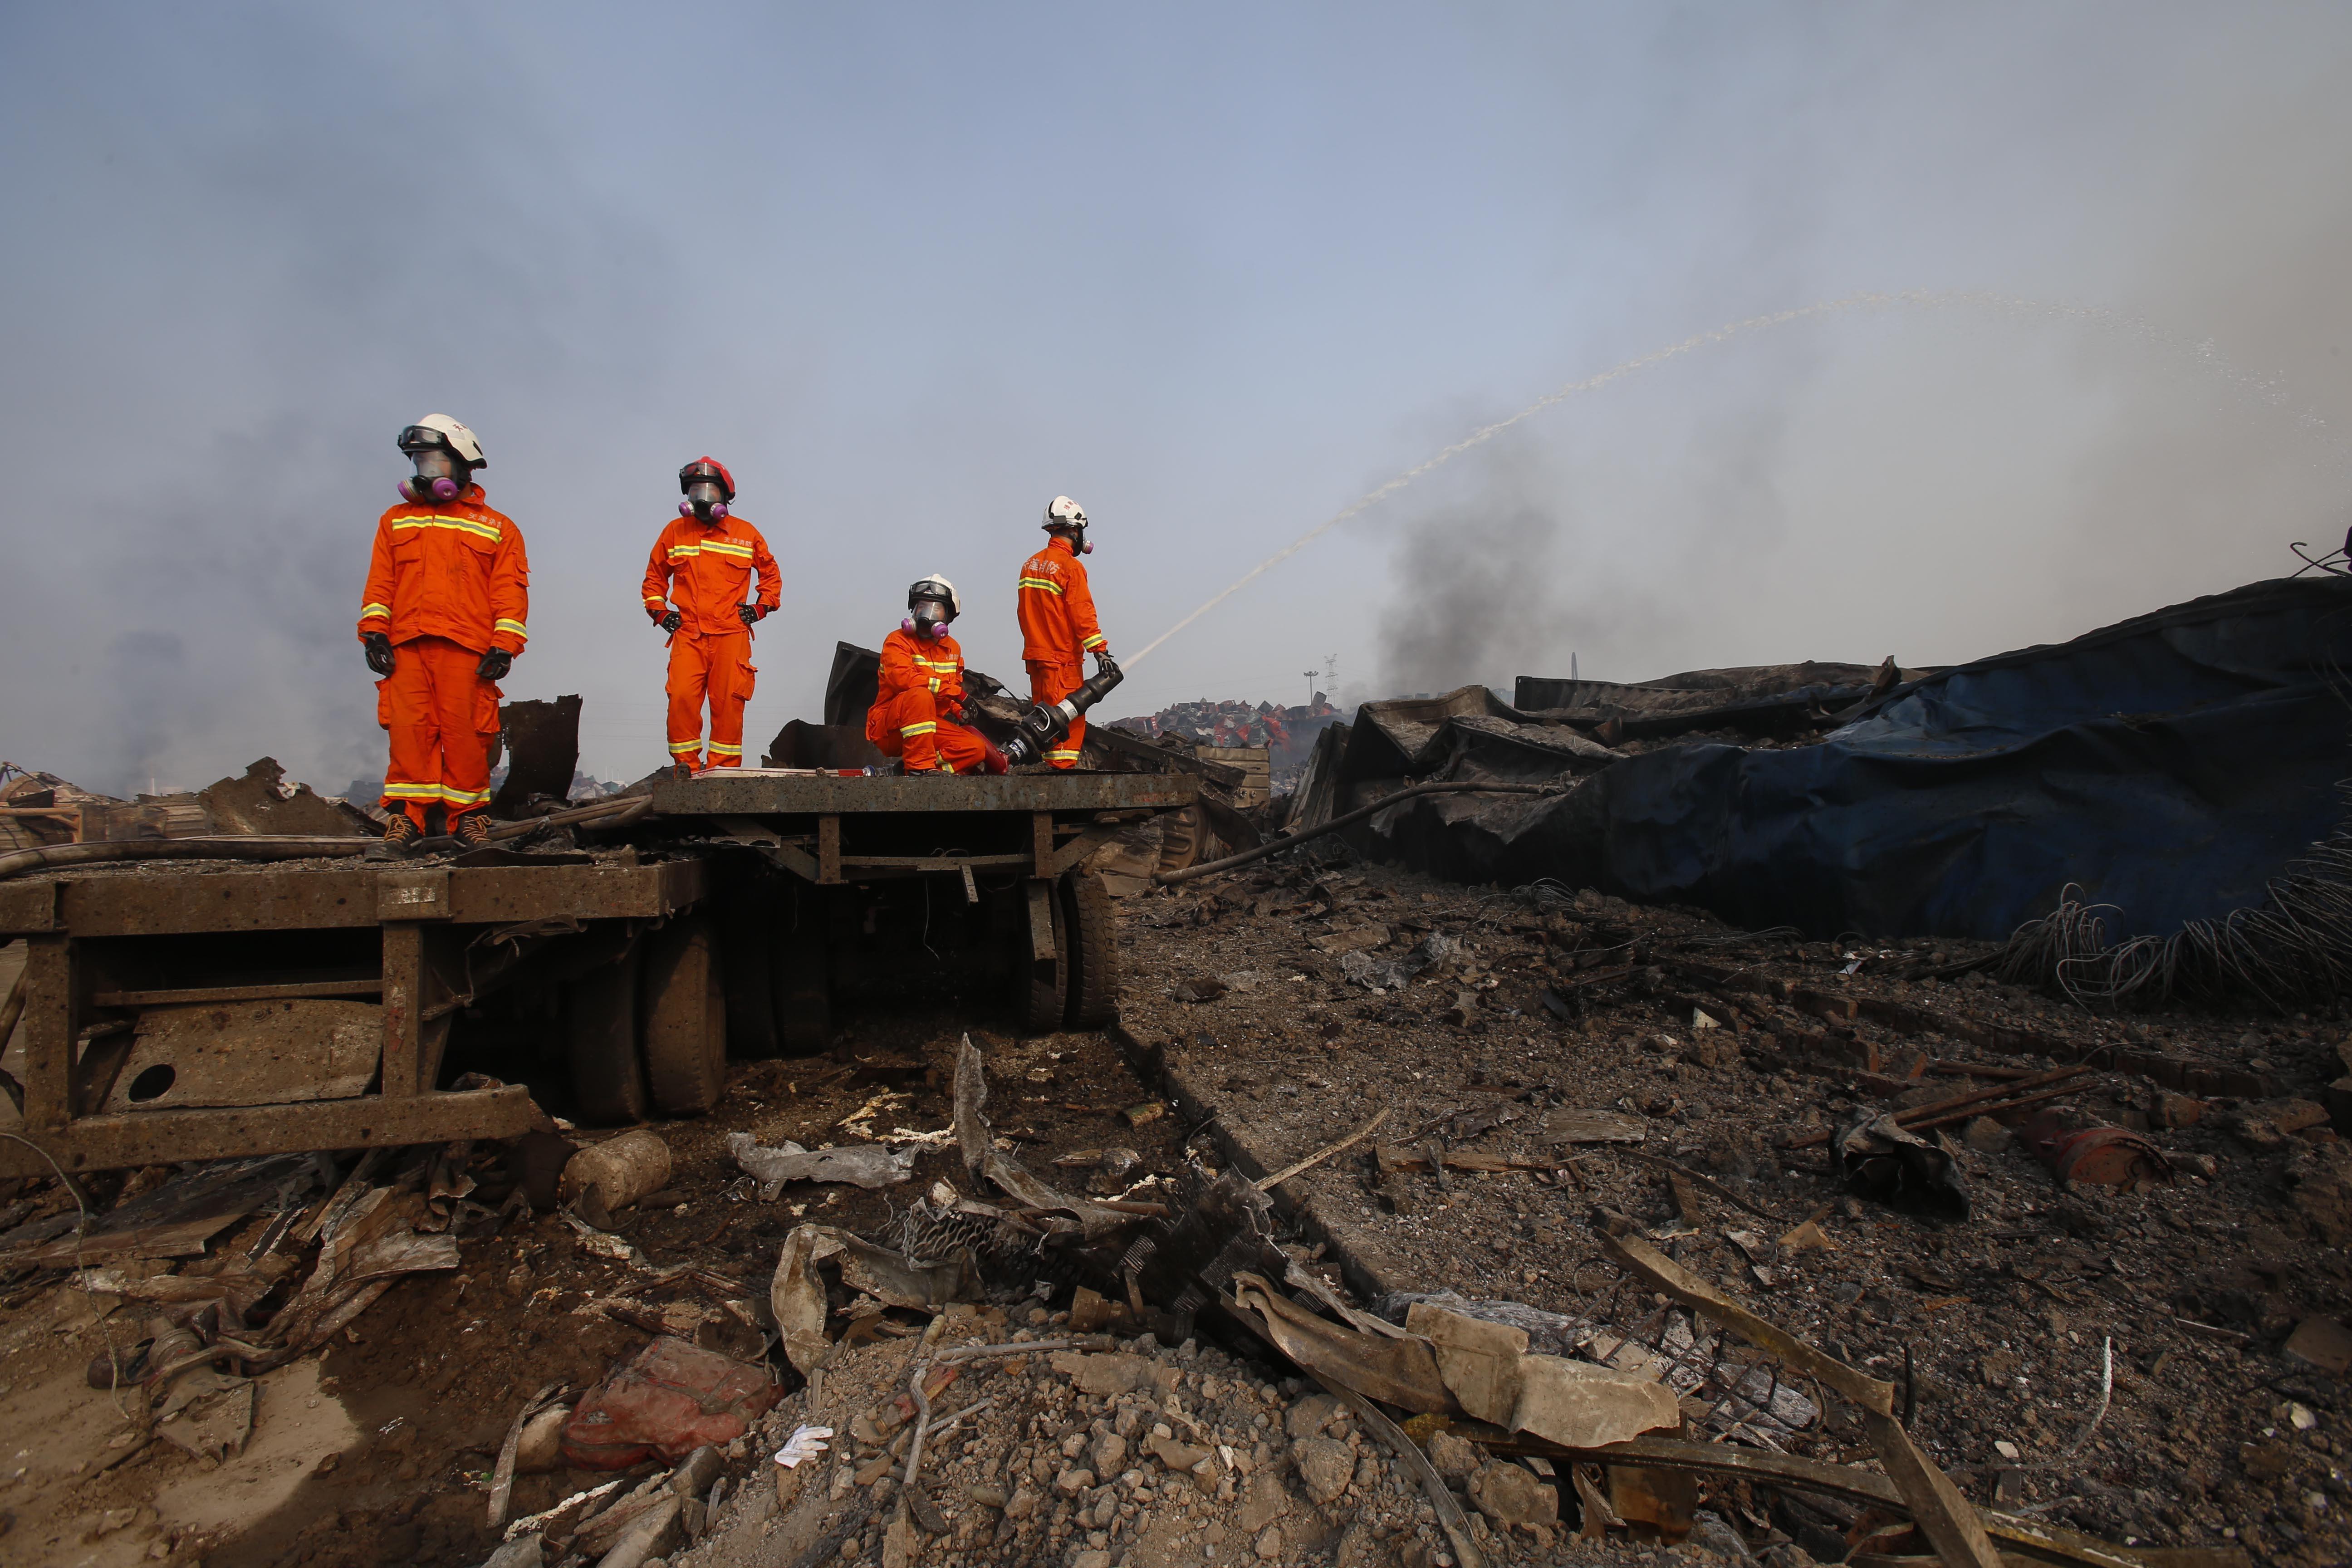 Offiziell: Tianjin-Explosion mit 700 Tonnen hochtoxischem Natriumcyanid + weiteren Sprengstoffen